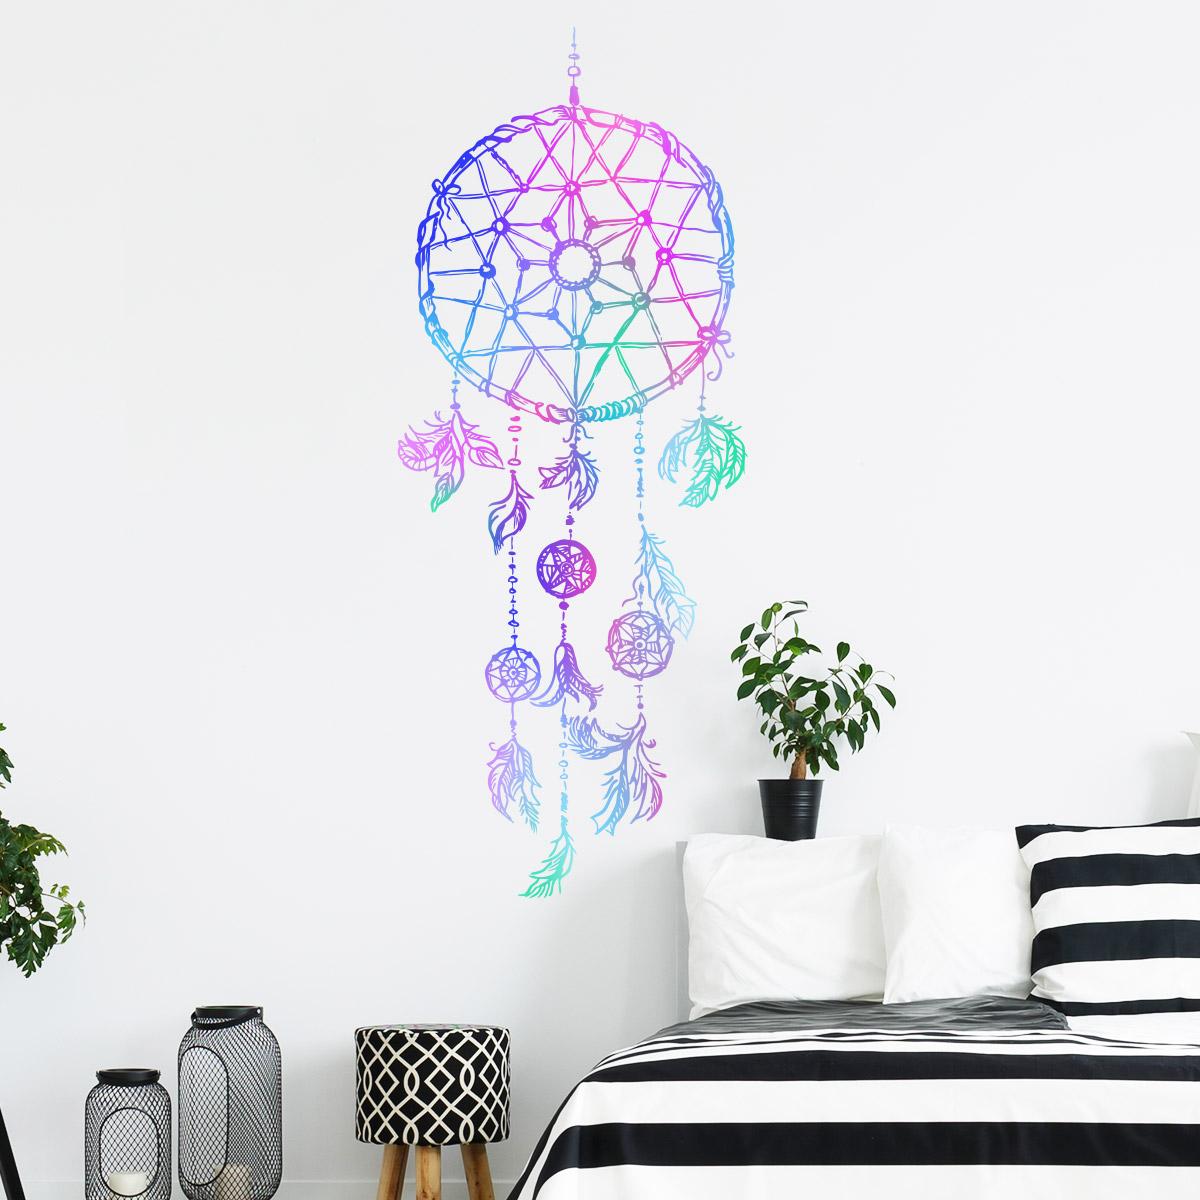 sticker boh me attrape r ves toile stickers chambre. Black Bedroom Furniture Sets. Home Design Ideas